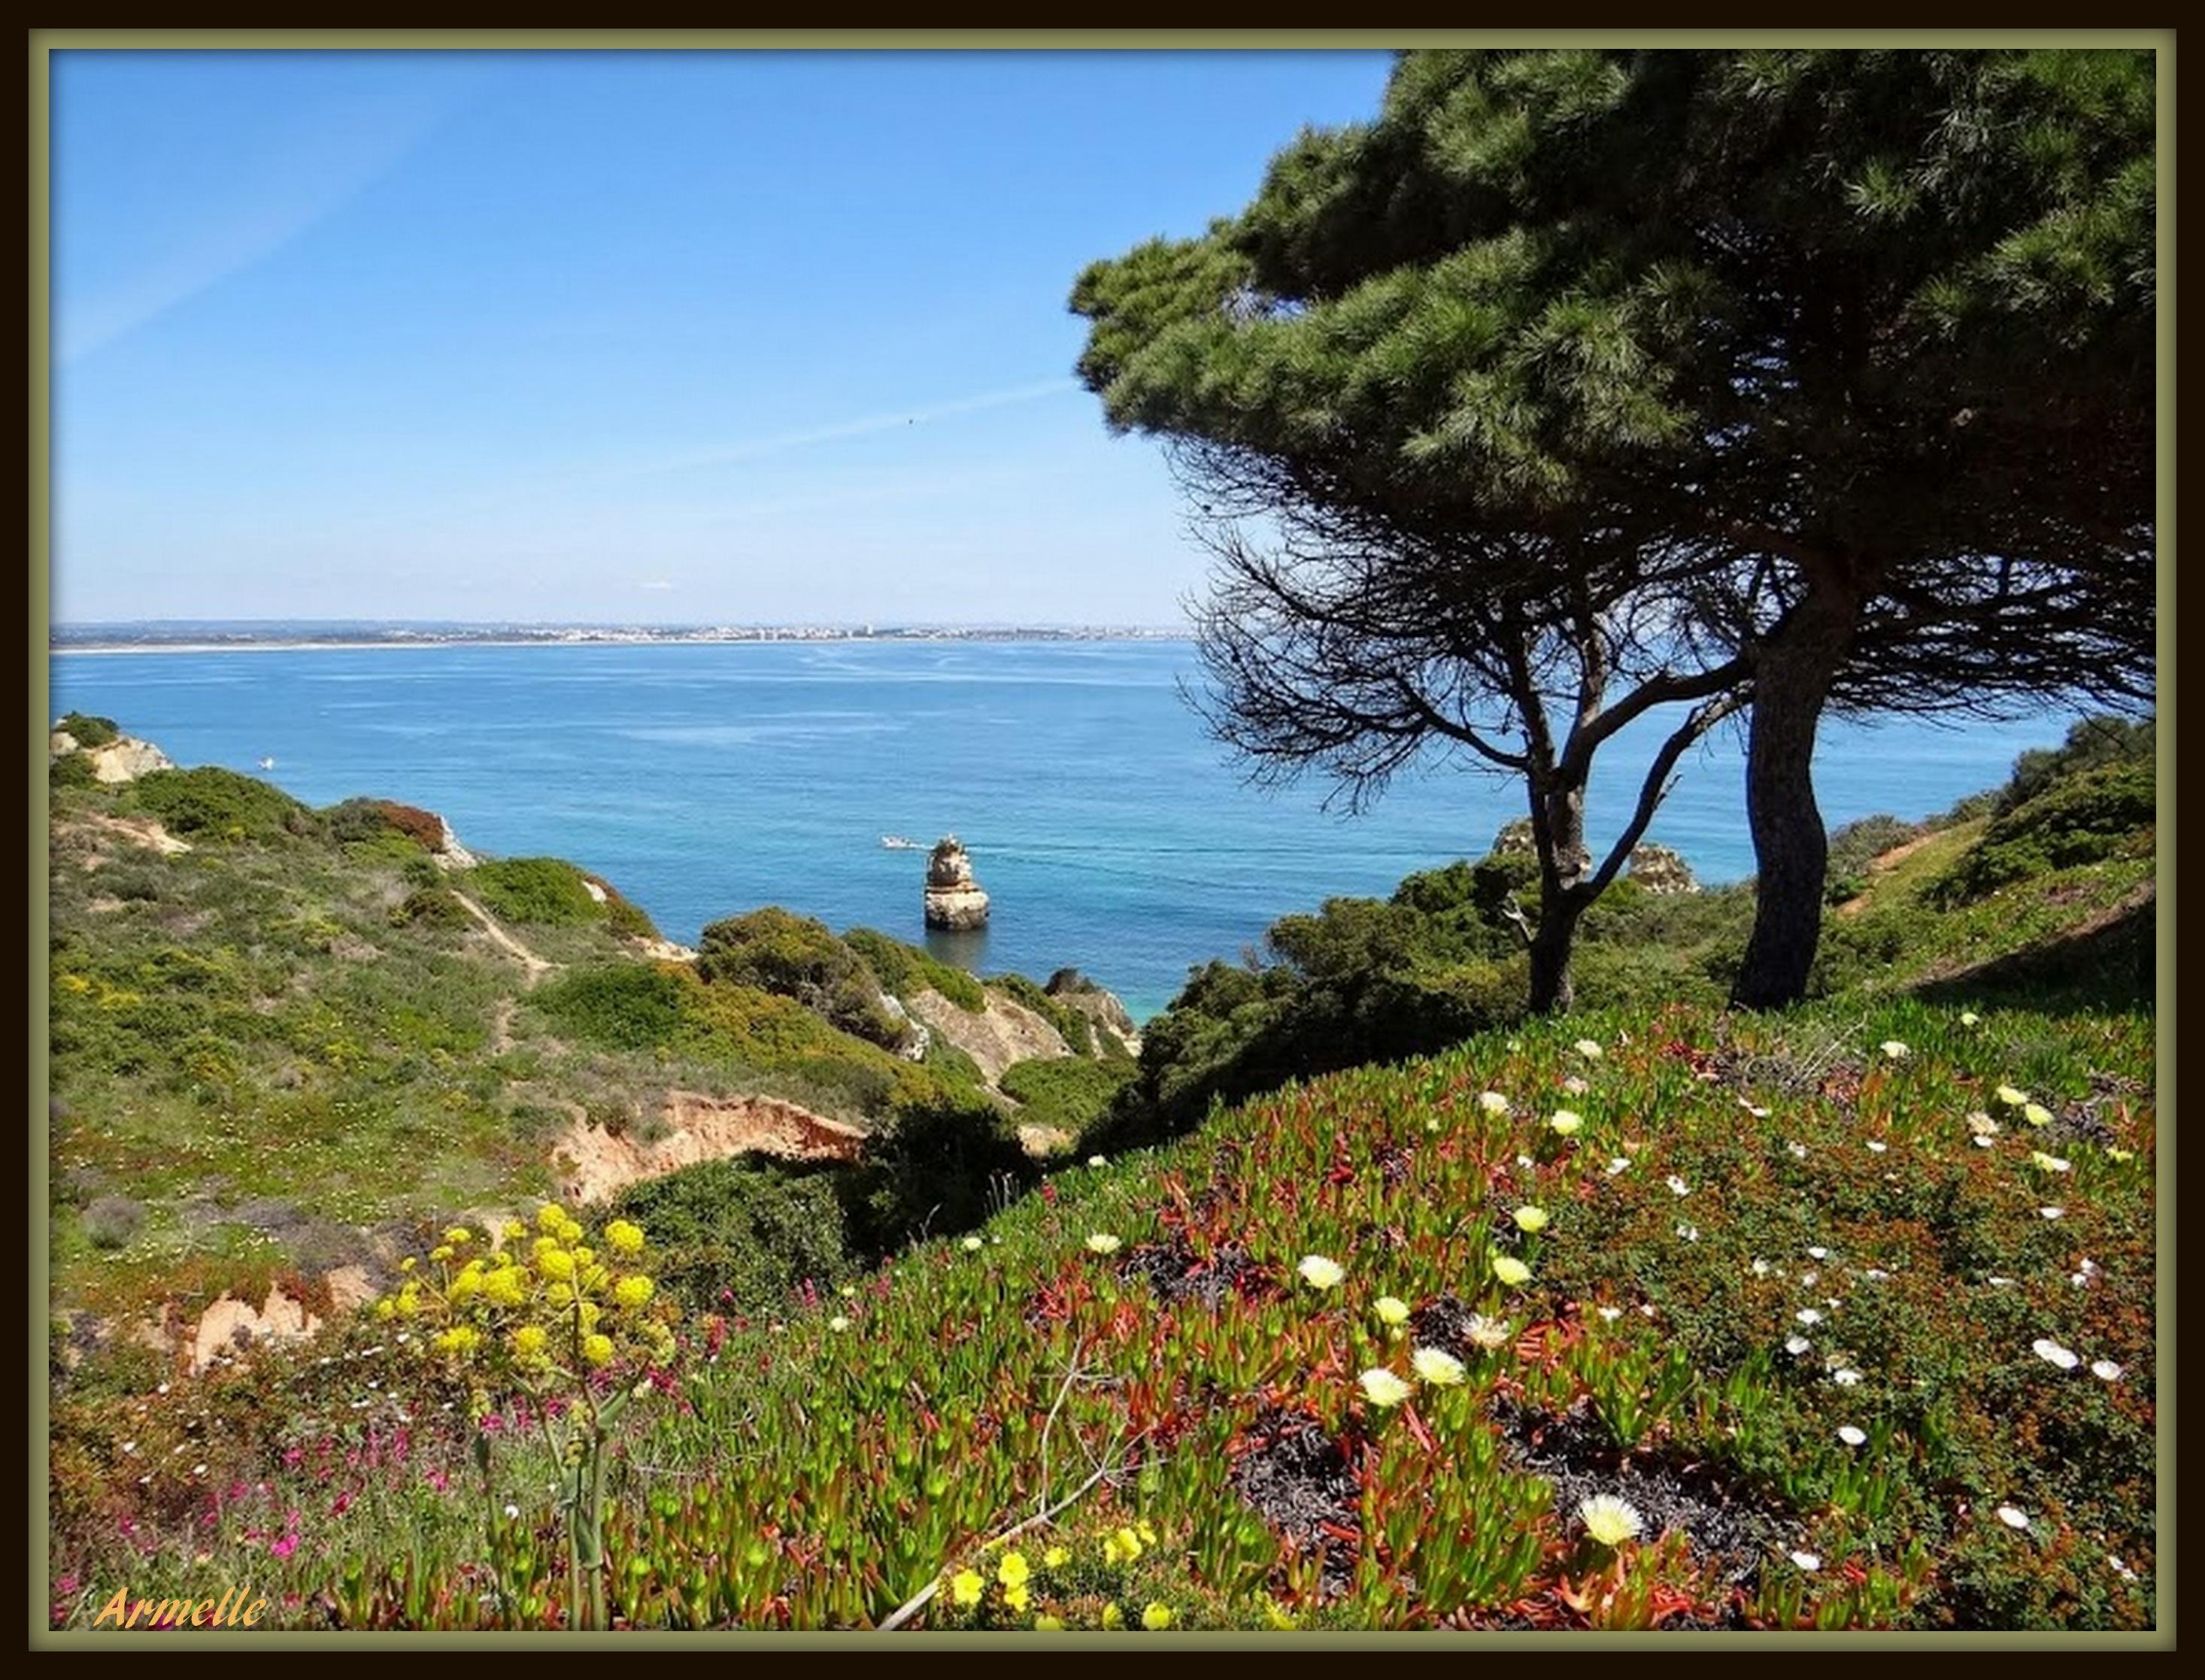 Fond d 39 cran paysage mer baie eau roche la nature for Agence cap paysages